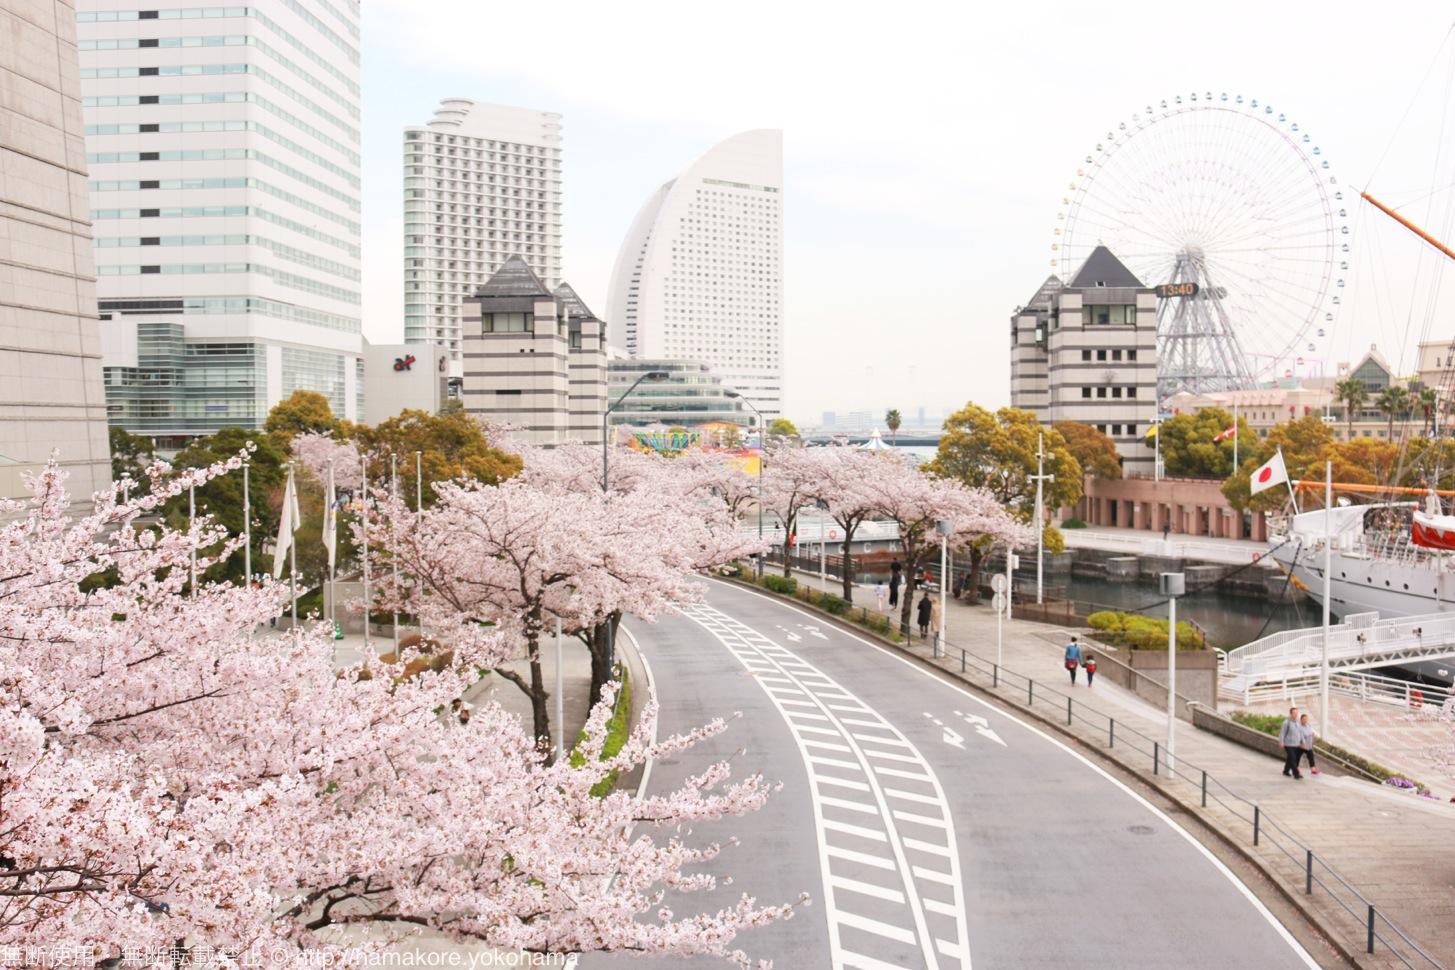 横浜みなとみらい「さくら通り」の場所を地図と写真で紹介!